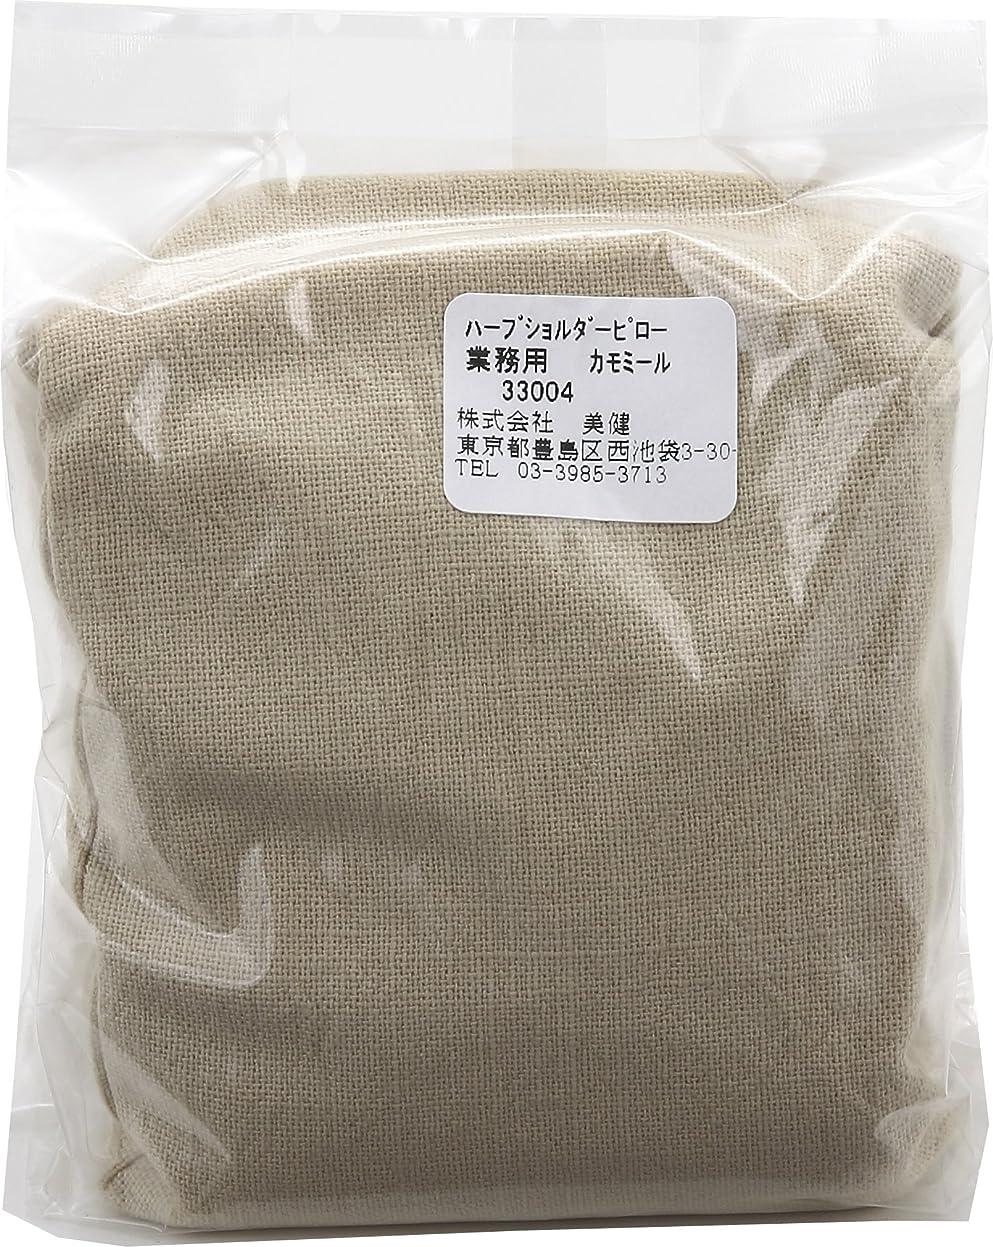 添加ブレス植物のハーブショルダーピロー カモミール 箱なし 業務用